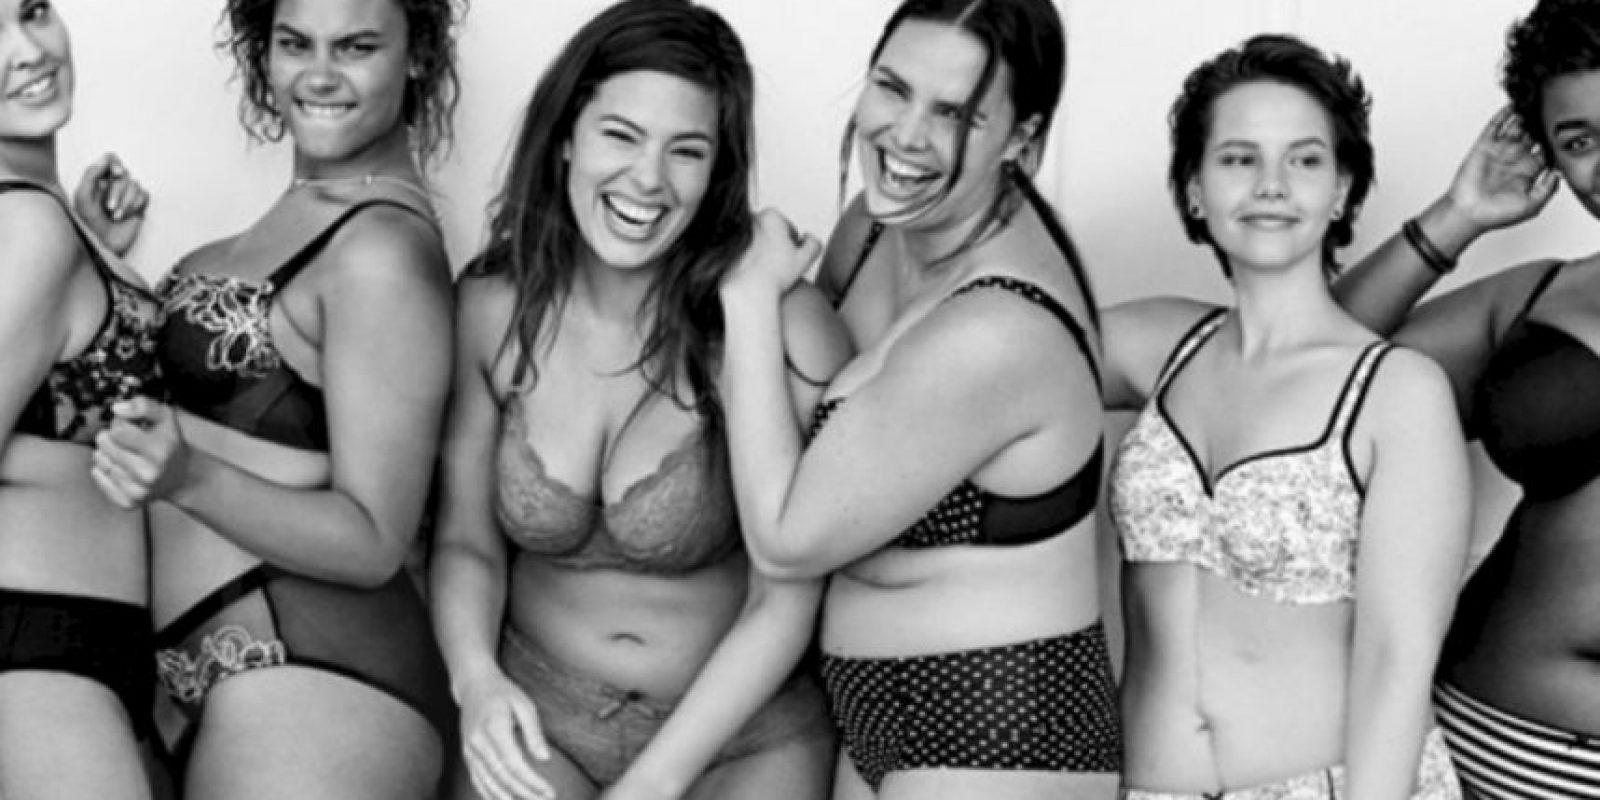 Se llama #ImNoAngel, de Lane Bryant, donde se critican los estereotipos de belleza. Foto:vía Youtube/Lane Bryant